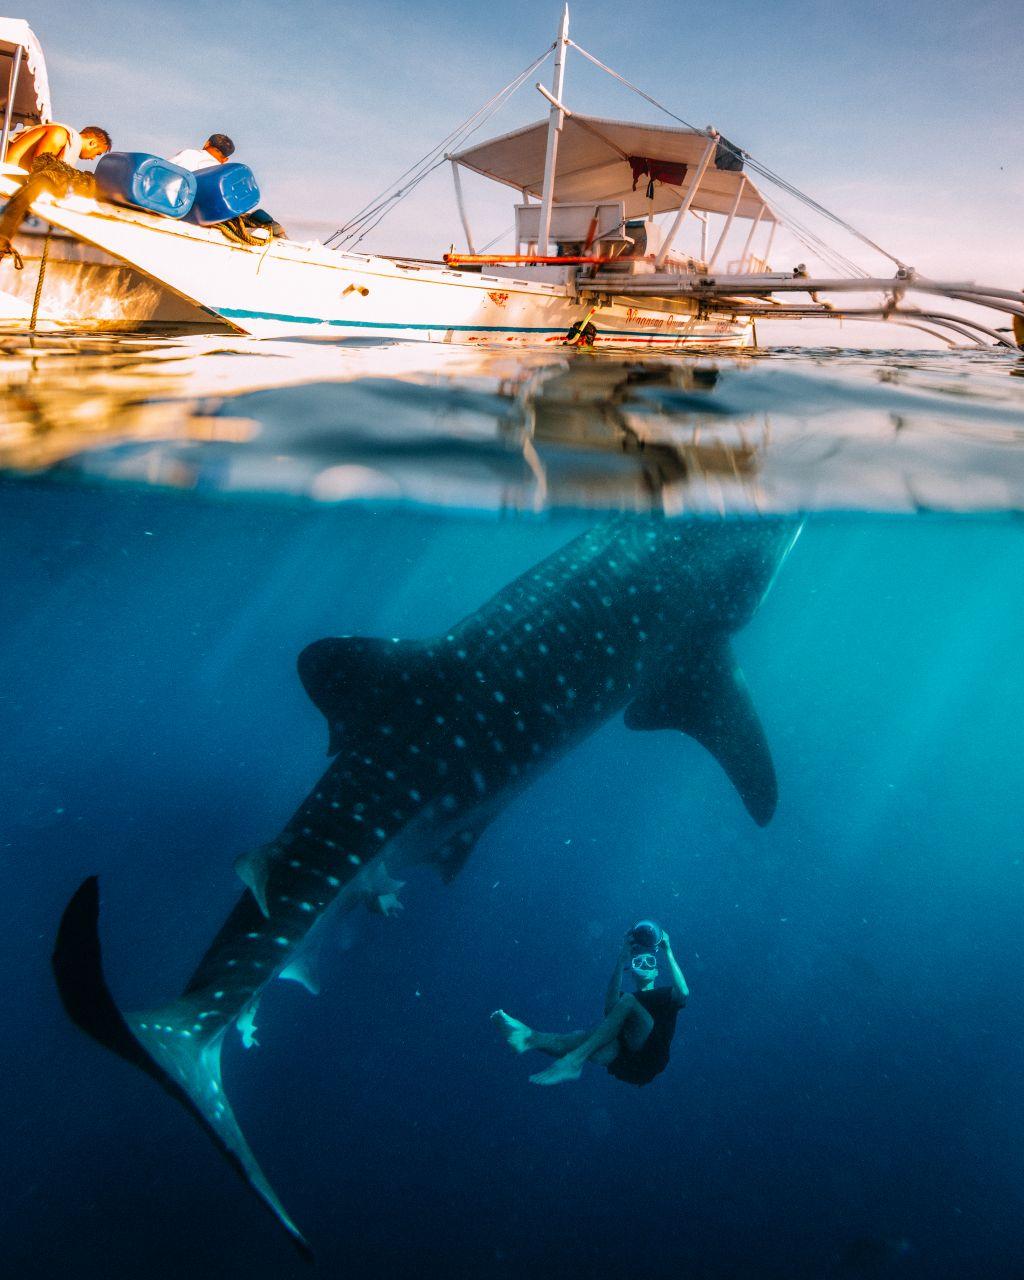 Die Philippinen gehören zu jenen Ländern, in denen eine Begegnung mit dem größten Fisch der Welt unter natürlichen Bedingungen möglich ist.